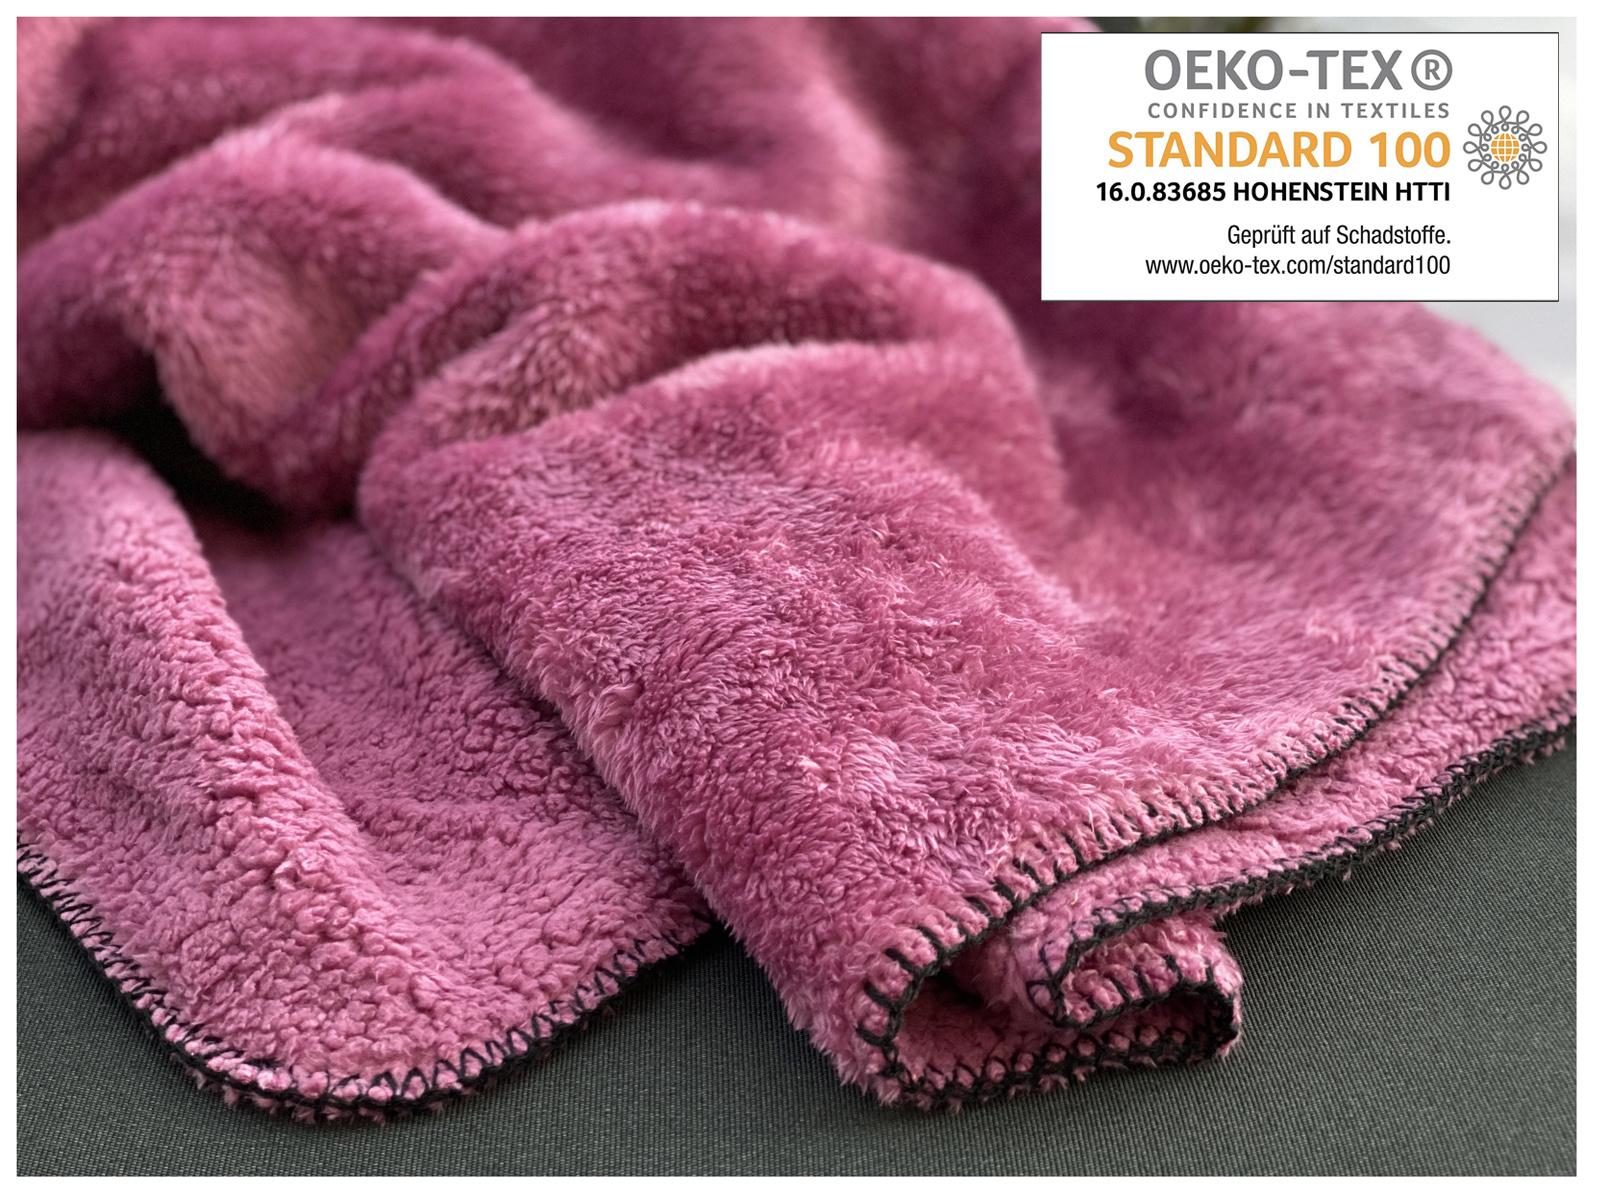 Indexbild 28 - Super Soft Kuscheldecke Langfloor Teddy Fleece XL 200x150 Plüsch Decke Typ716